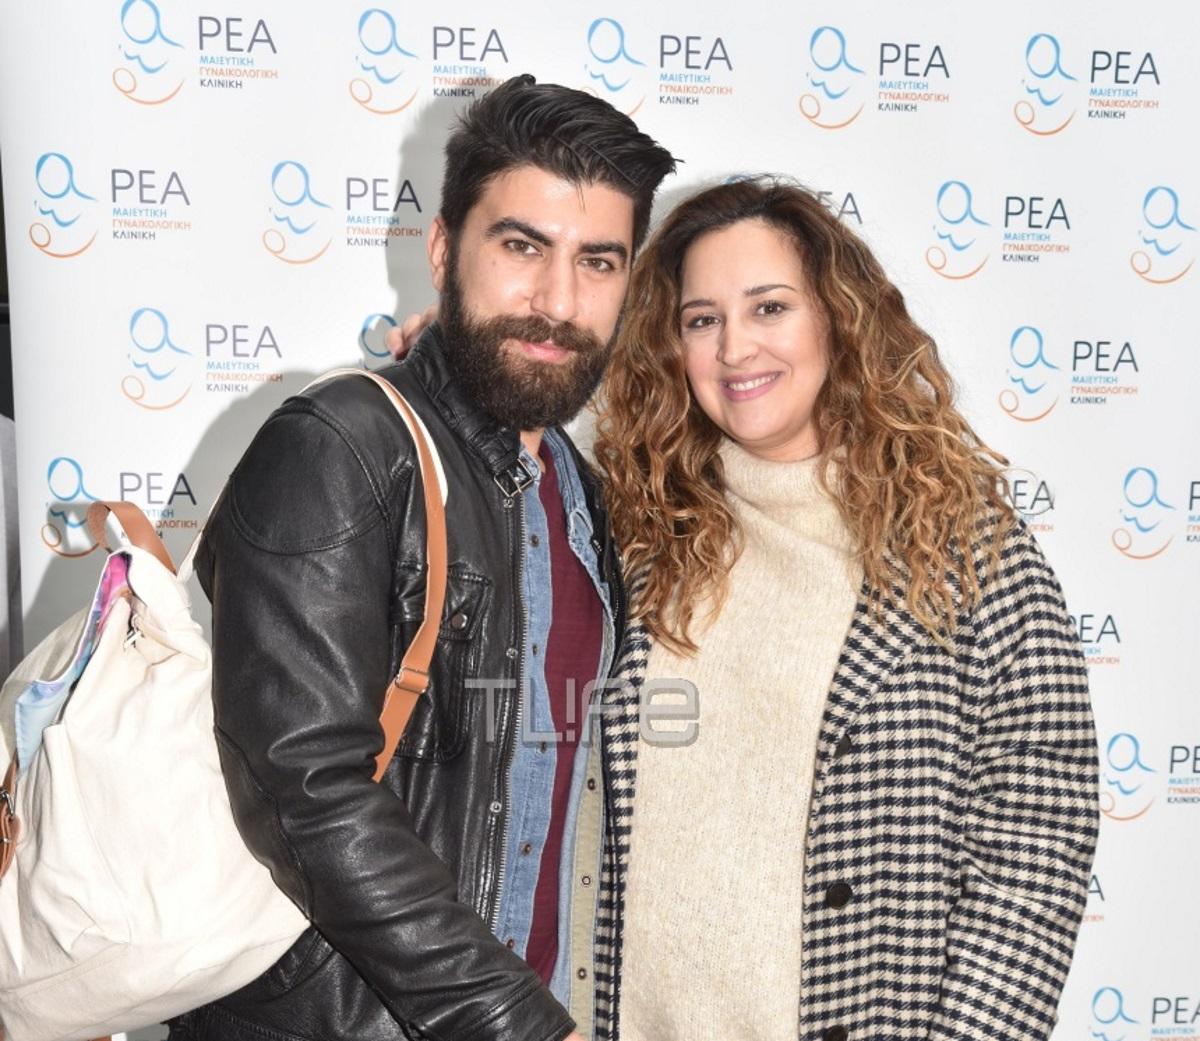 Κλέλια Πανταζή: Πήρε εξιτήριο από το μαιευτήριο με τον νεογέννητο γιο της! Φωτογραφίες